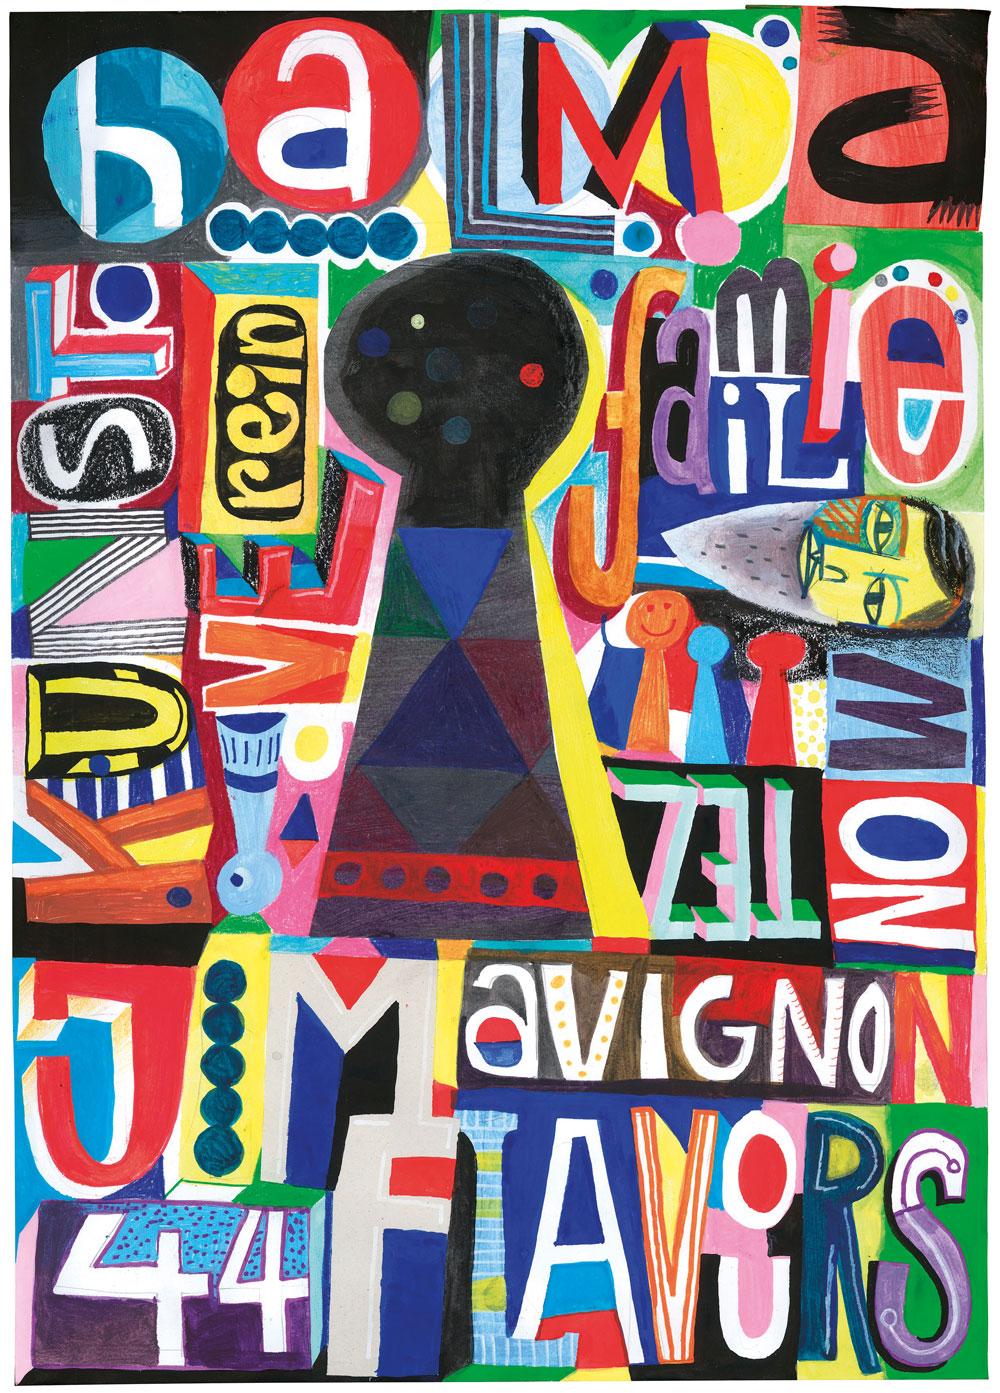 44flavours Halma 44flavours Jim Avignon